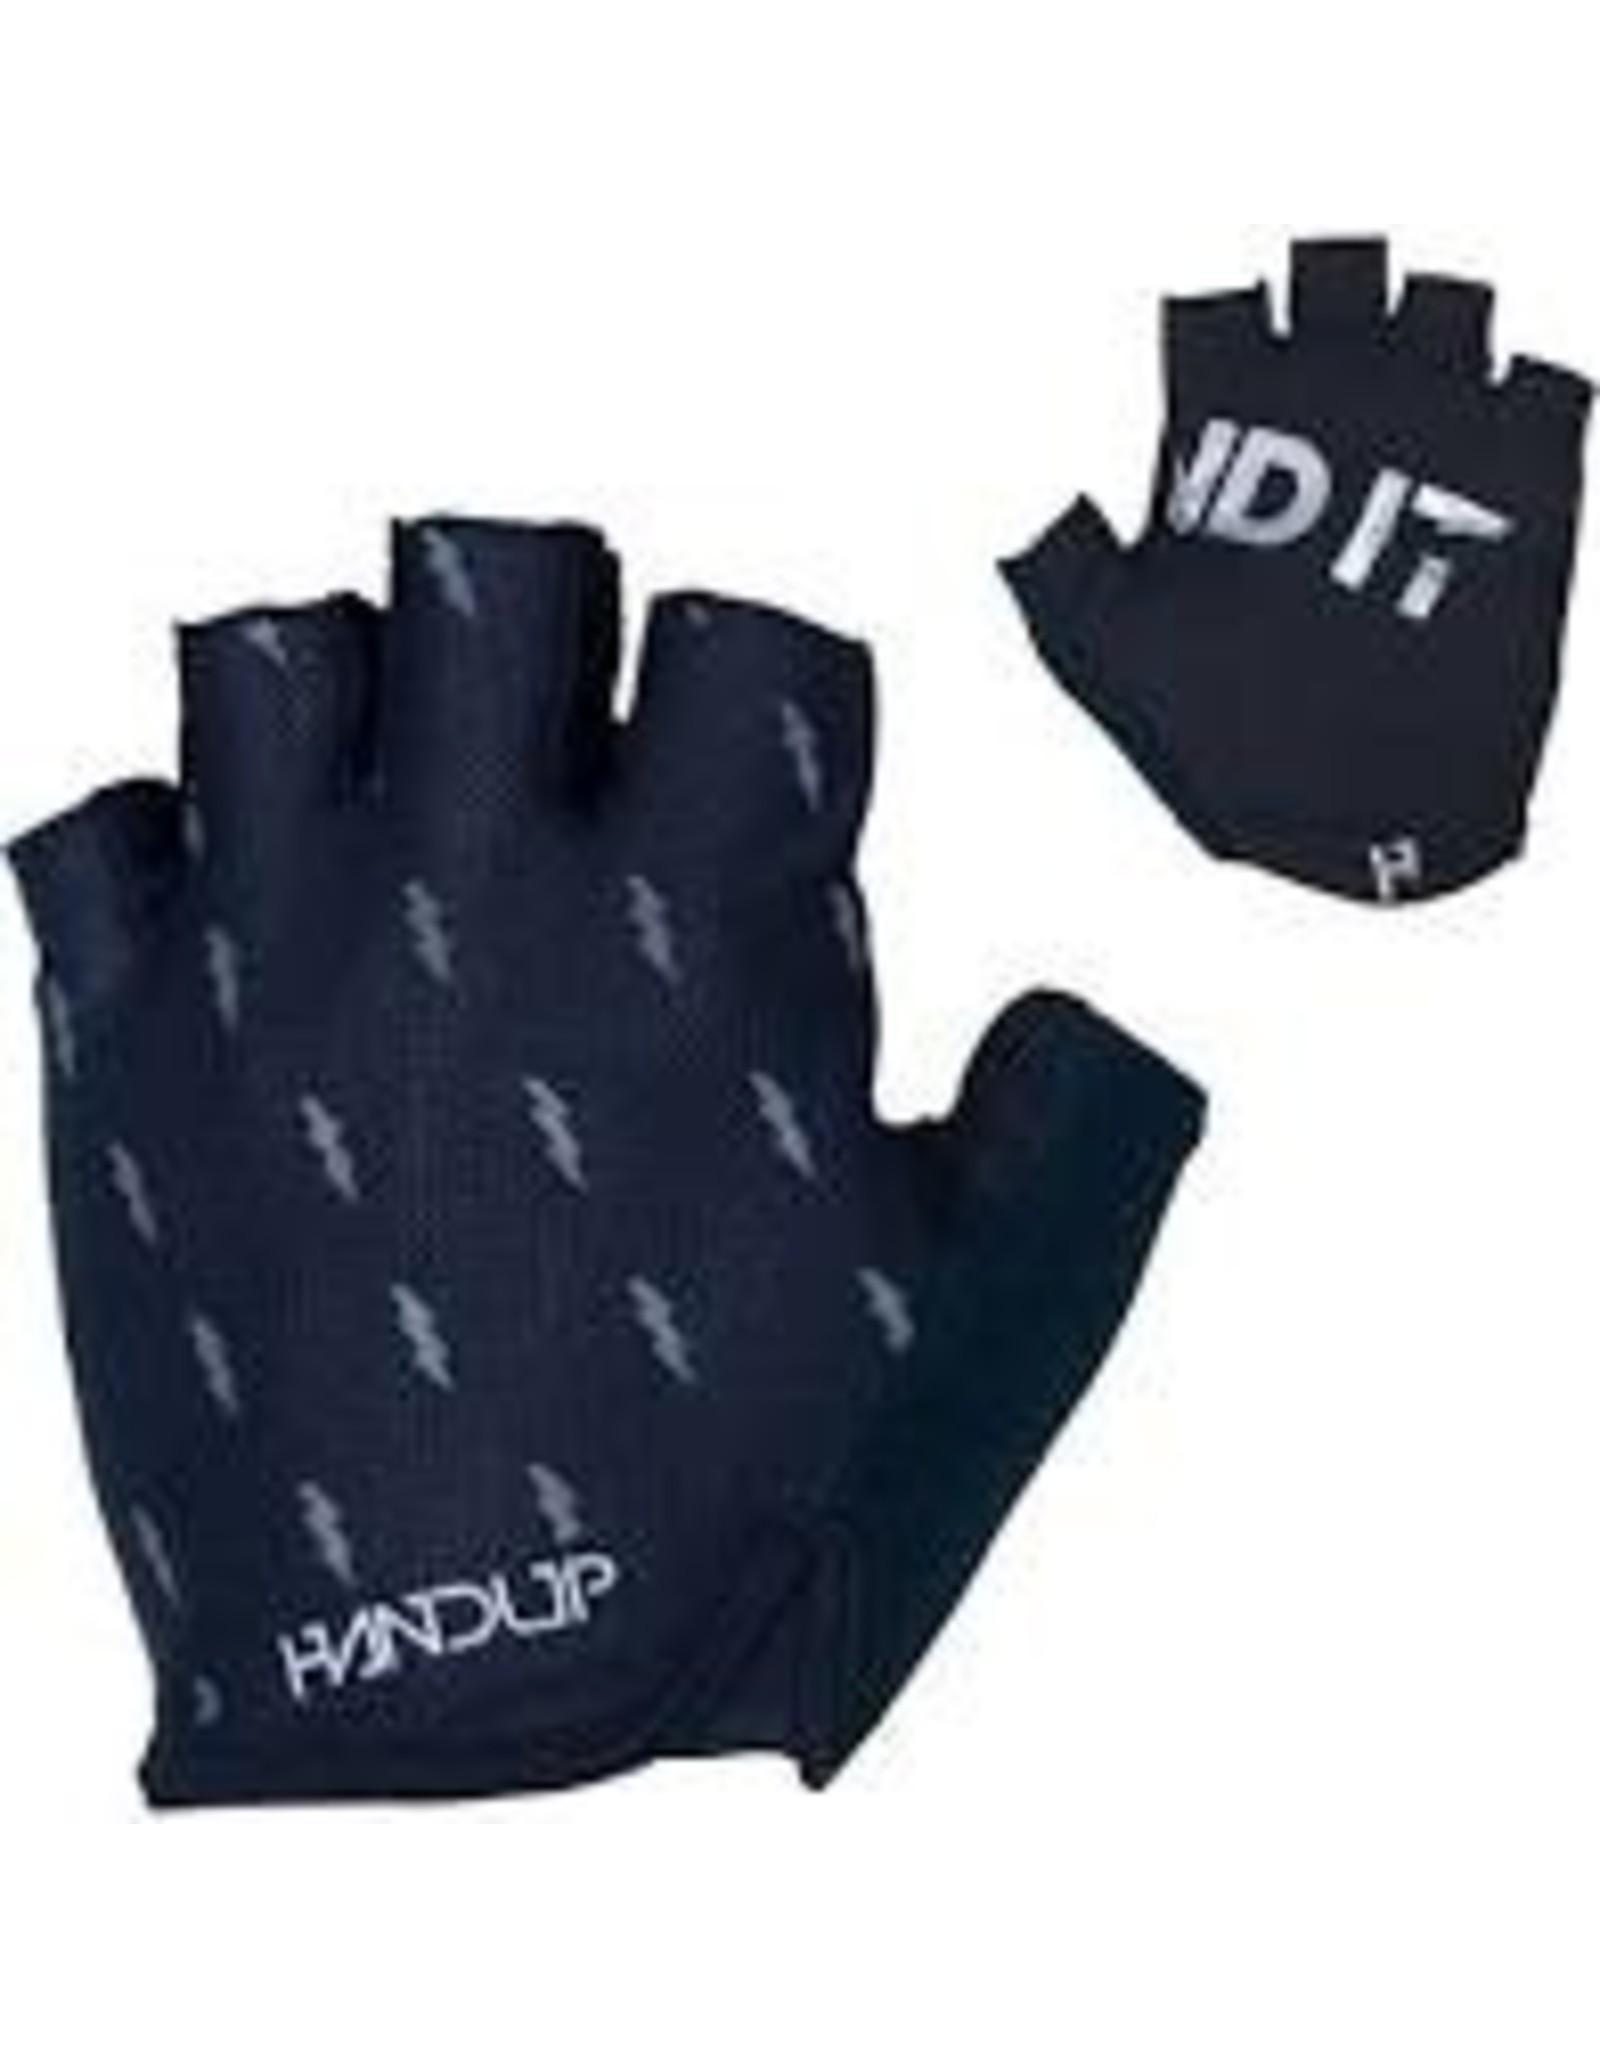 HandUP Handup Shorties Glove - Blackout Bolts, Short Finger